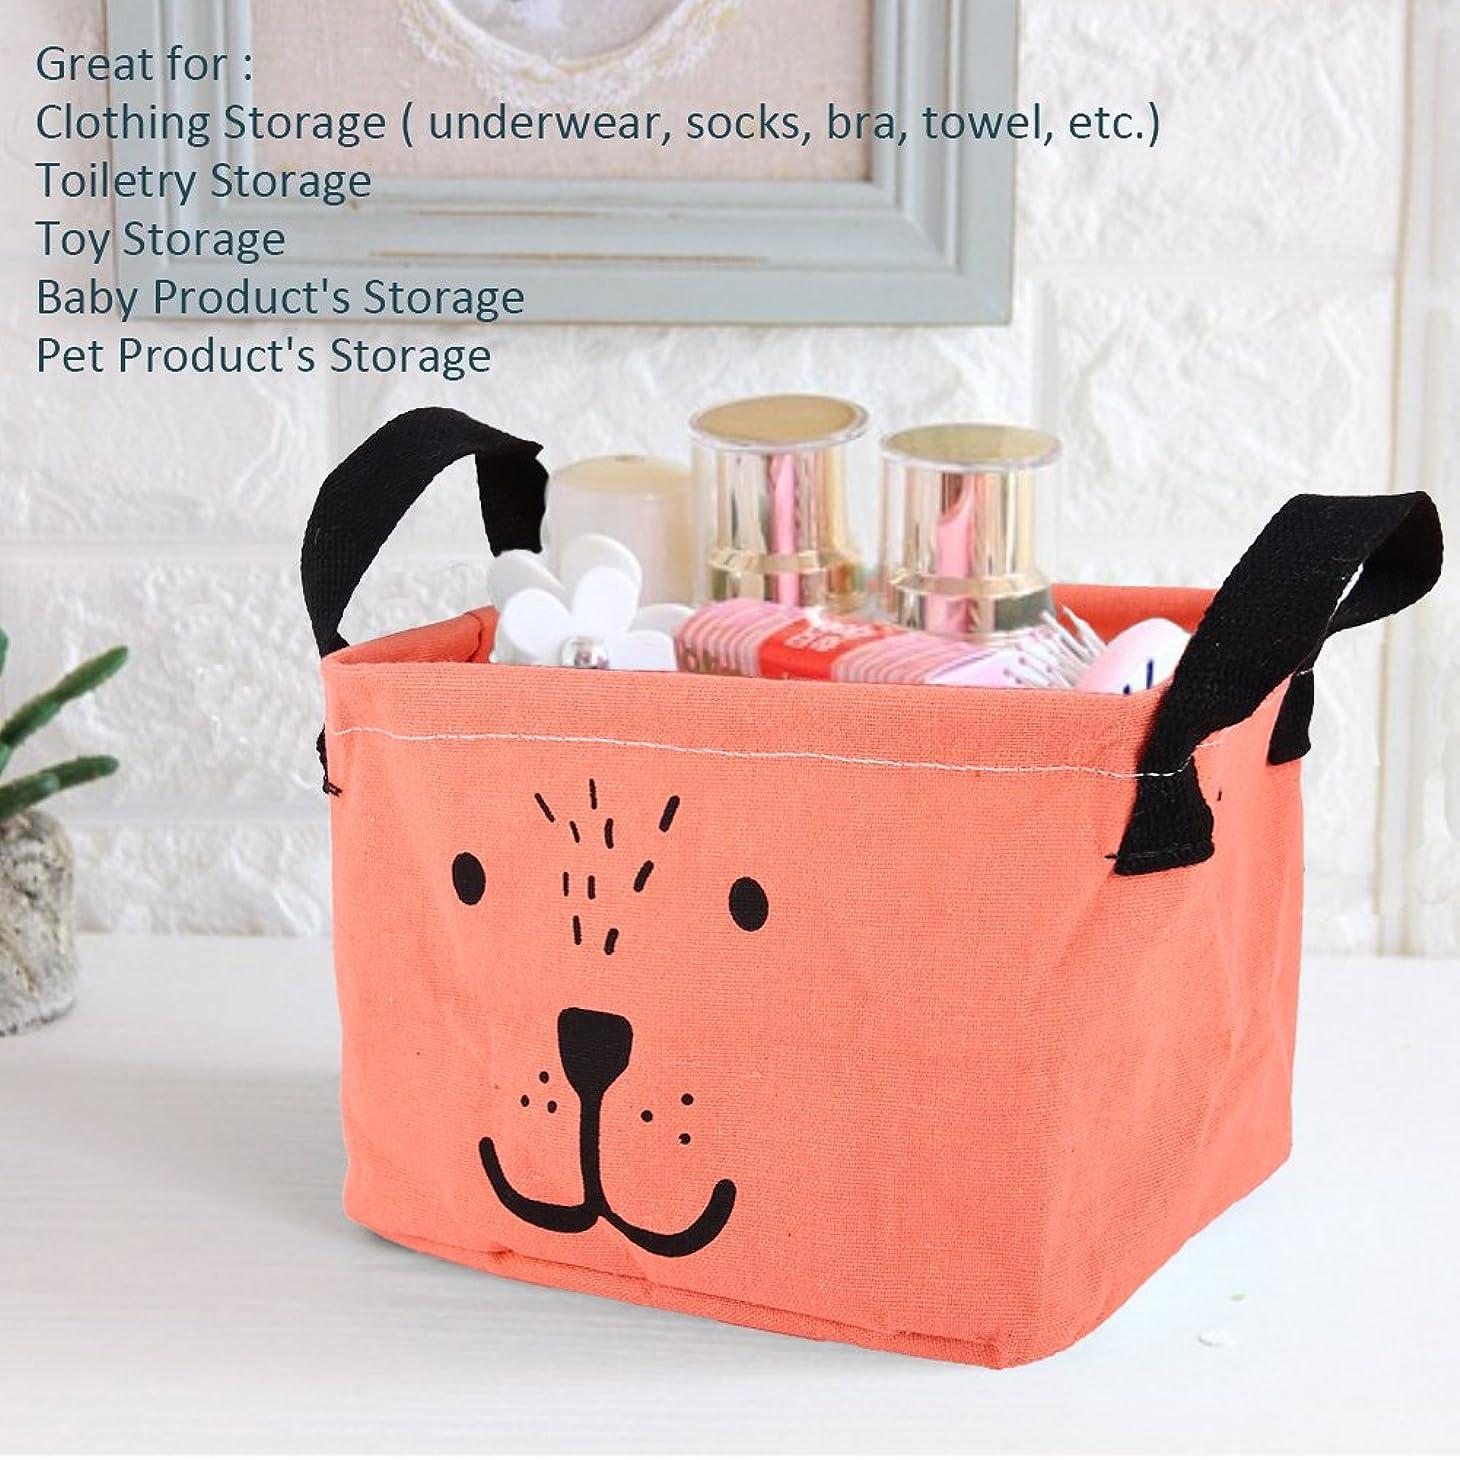 有効化苦侮辱(Red) - Zehui Organiser Dirty Clothes Storage Sorter 18L Laundry Linen Bag for Office Bedroom Closet Toys Cartoon Household Foldable Storage Basket or Bin Desk Makeup Red